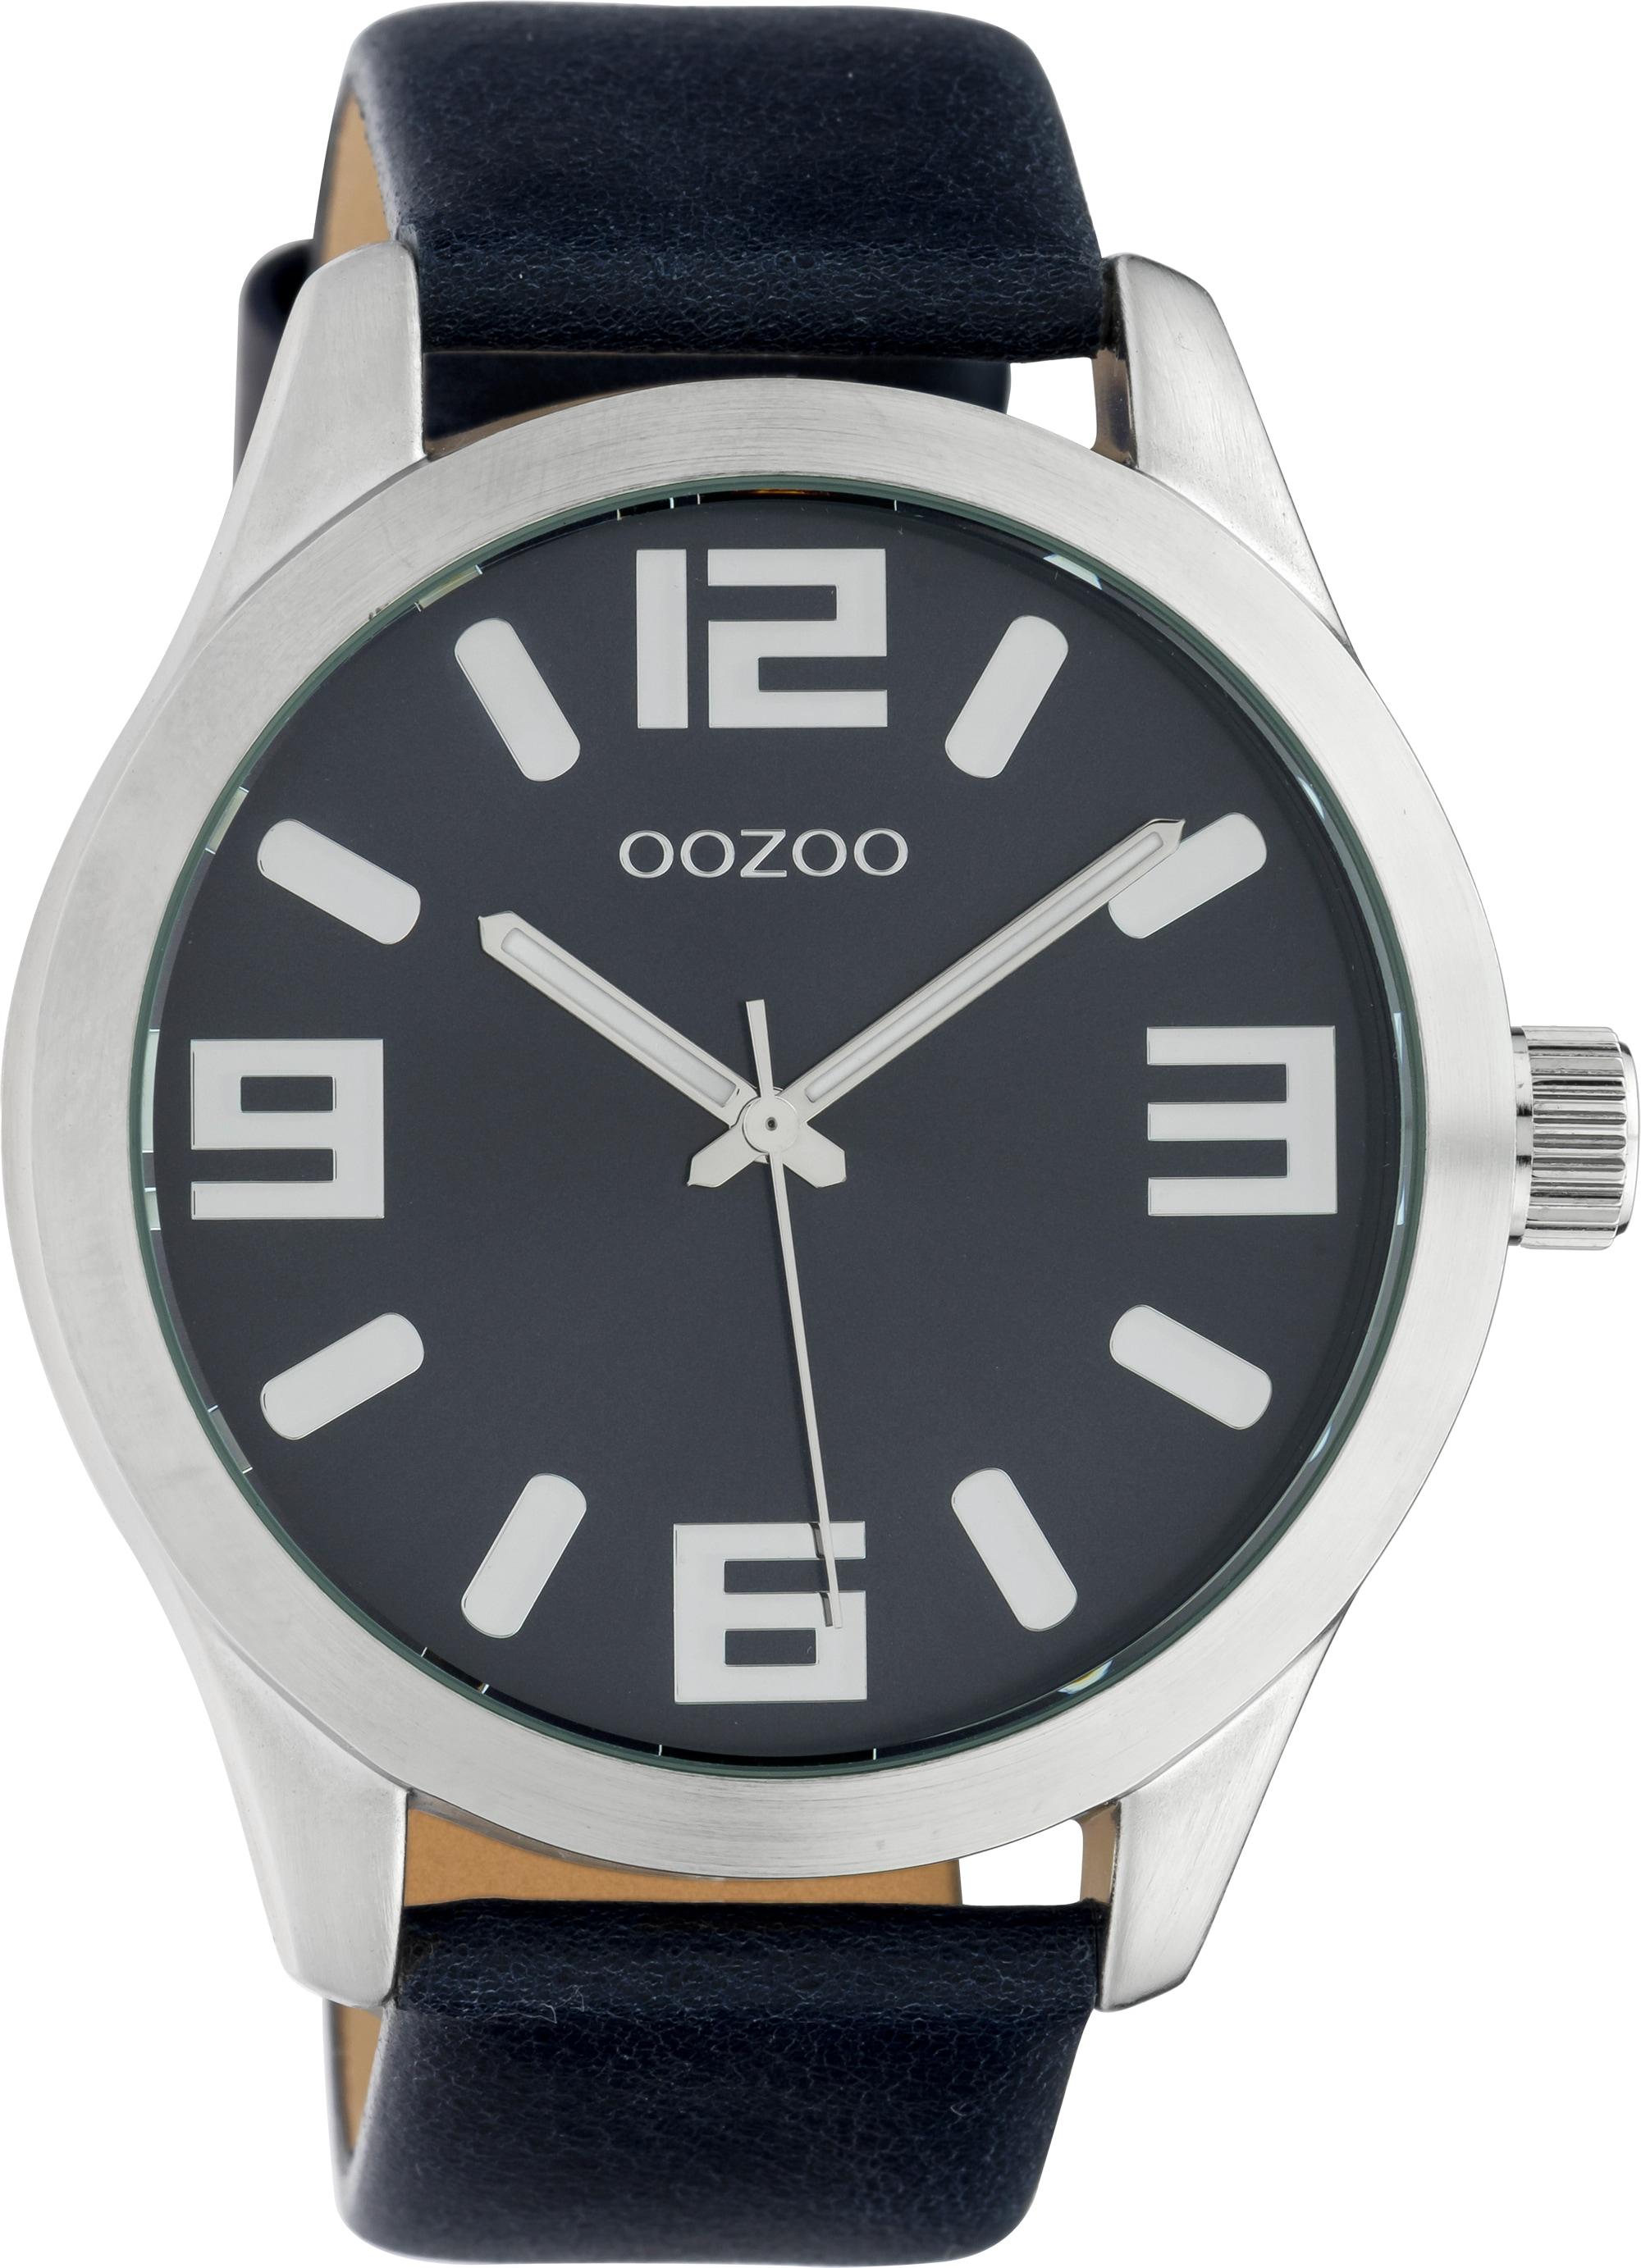 oozoo quarzuhr c10236 Stilvolle Damenarmbanduhr Exh45